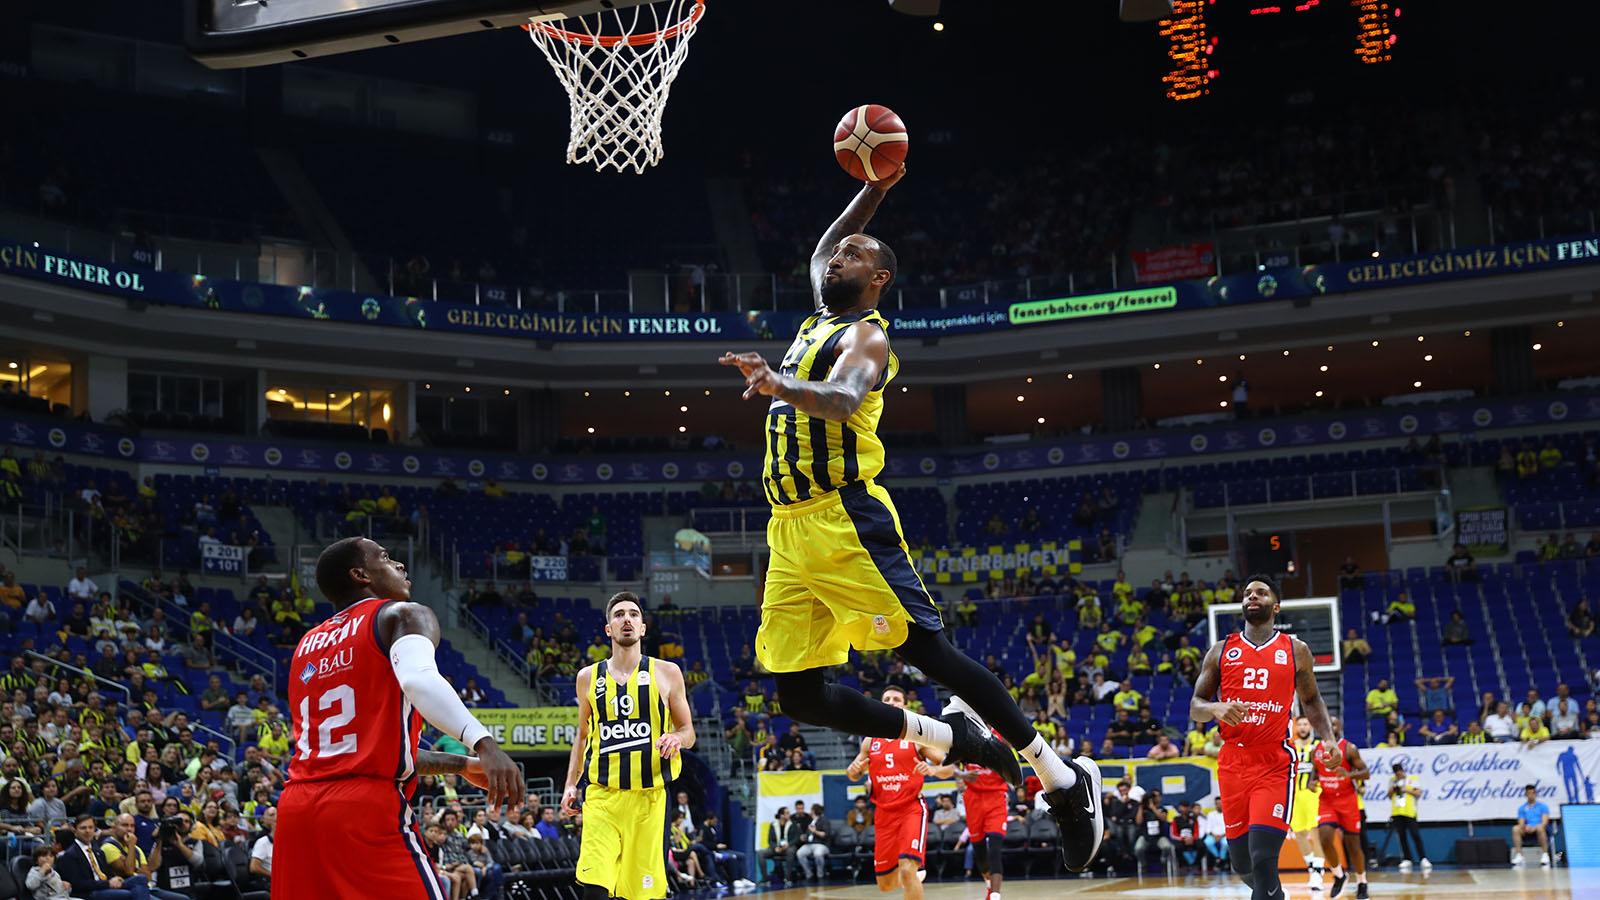 Fenerbahçe Beko 74-60 Bahçeşehir Koleji